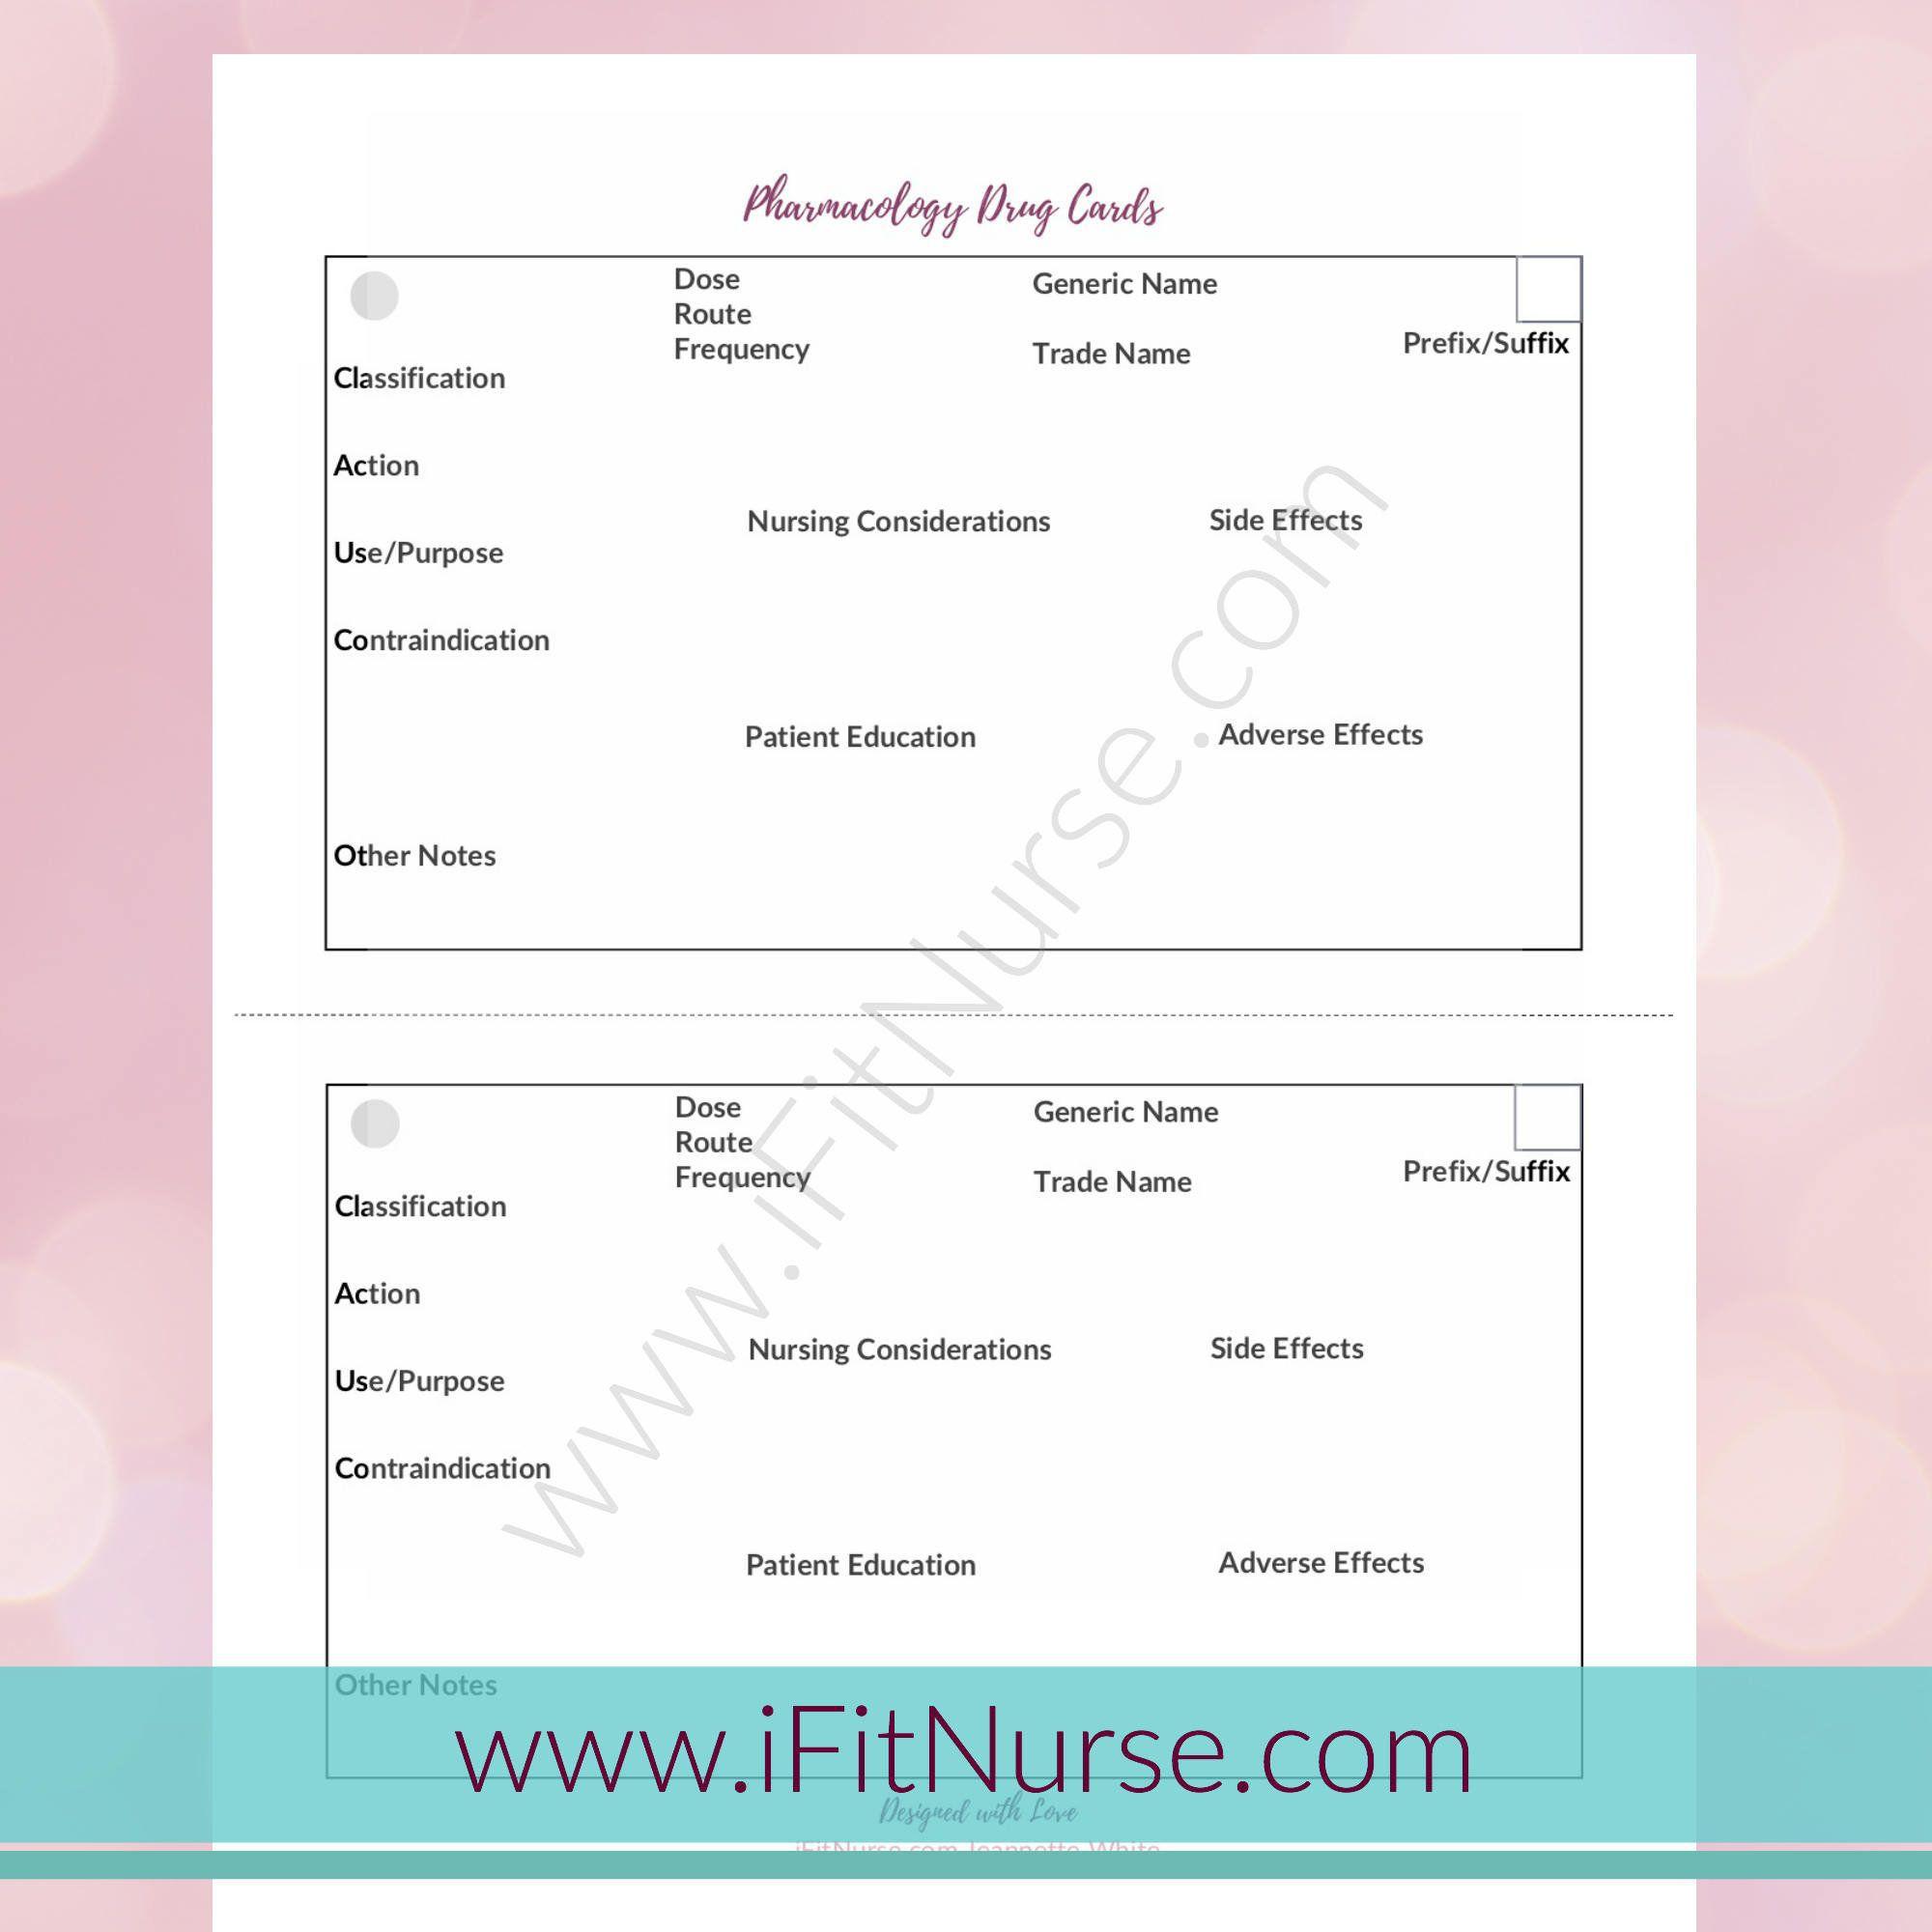 007 Staggering Nursing Drug Card Template Concept  School Download PrintableFull